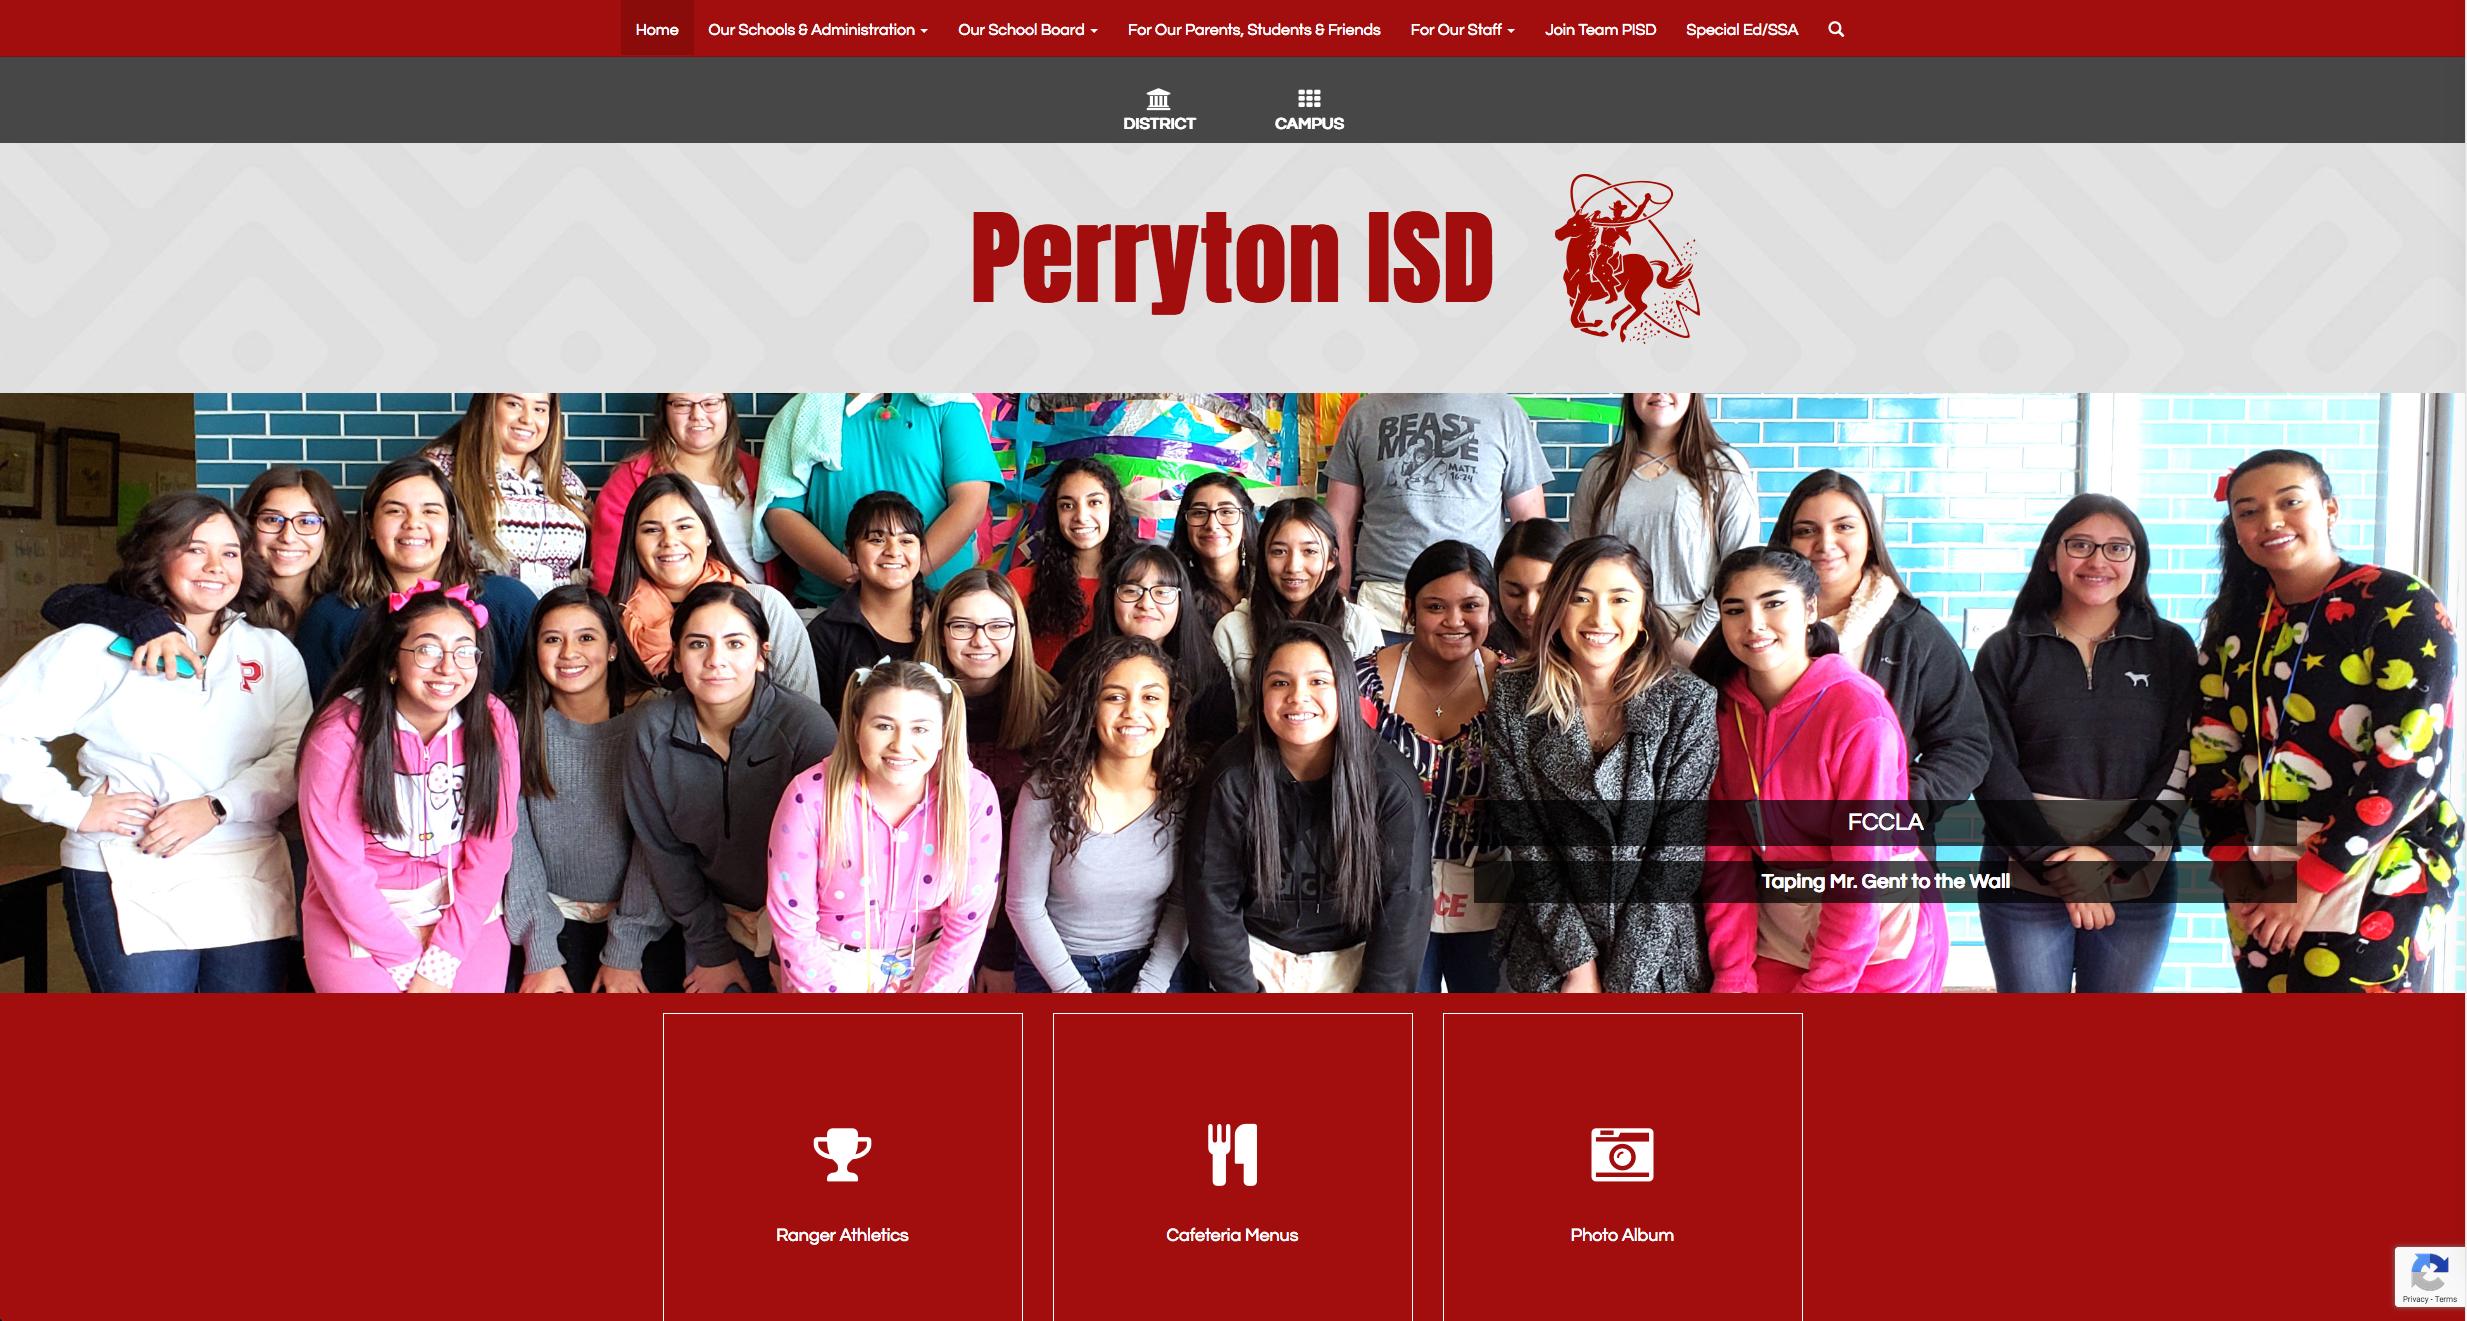 Perryton ISD